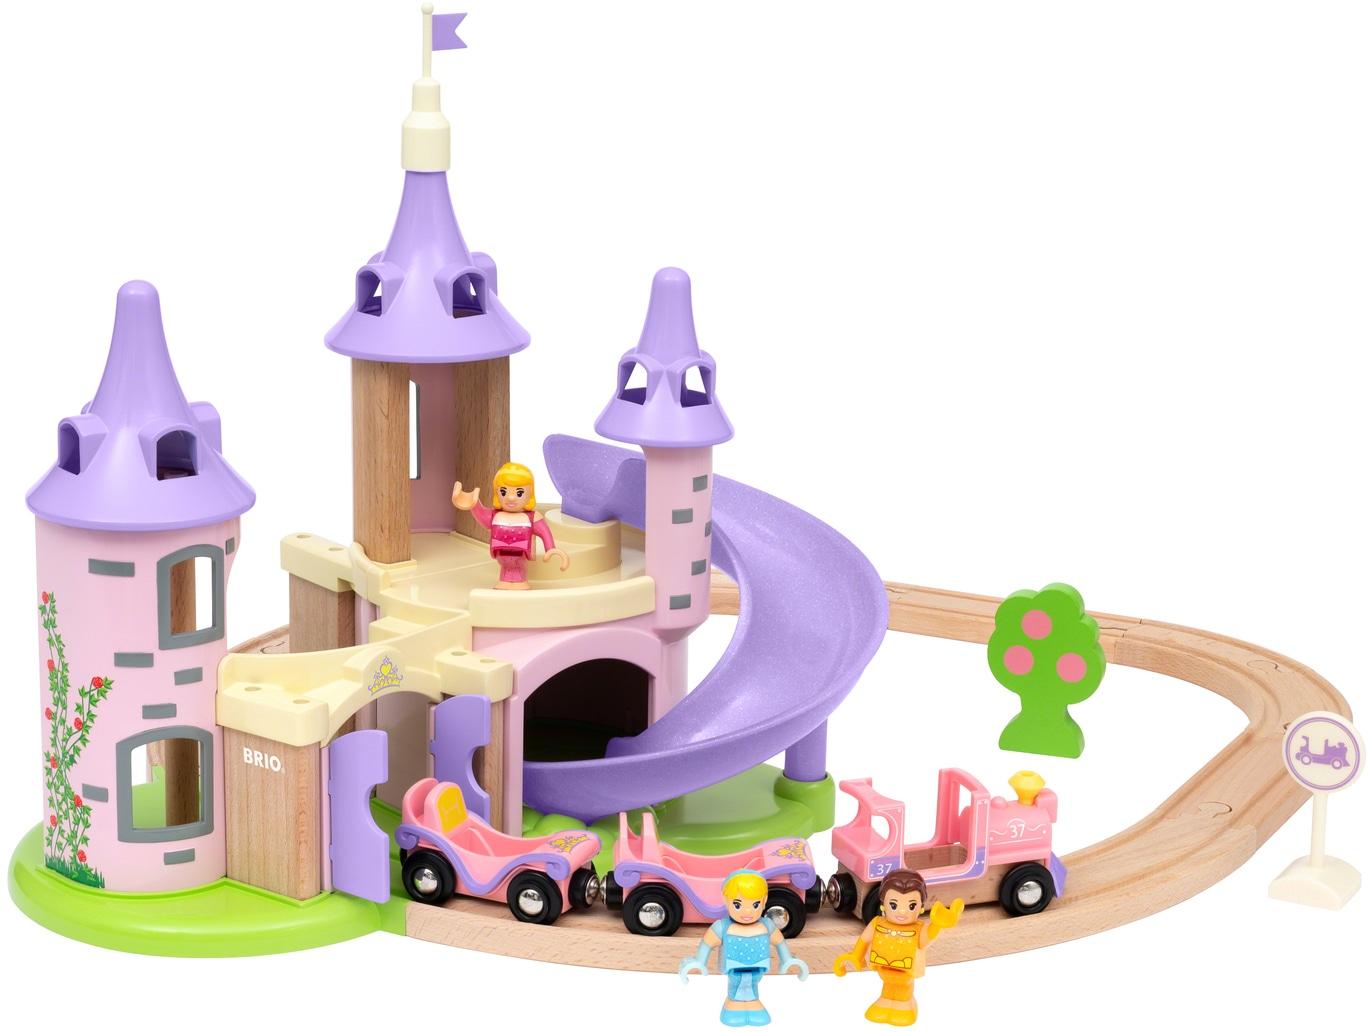 BRIO Spielzeug-Eisenbahn Disney Princess Traumschloss Set bunt Kinder Kindereisenbahnen Autos, Eisenbahn Modellbau